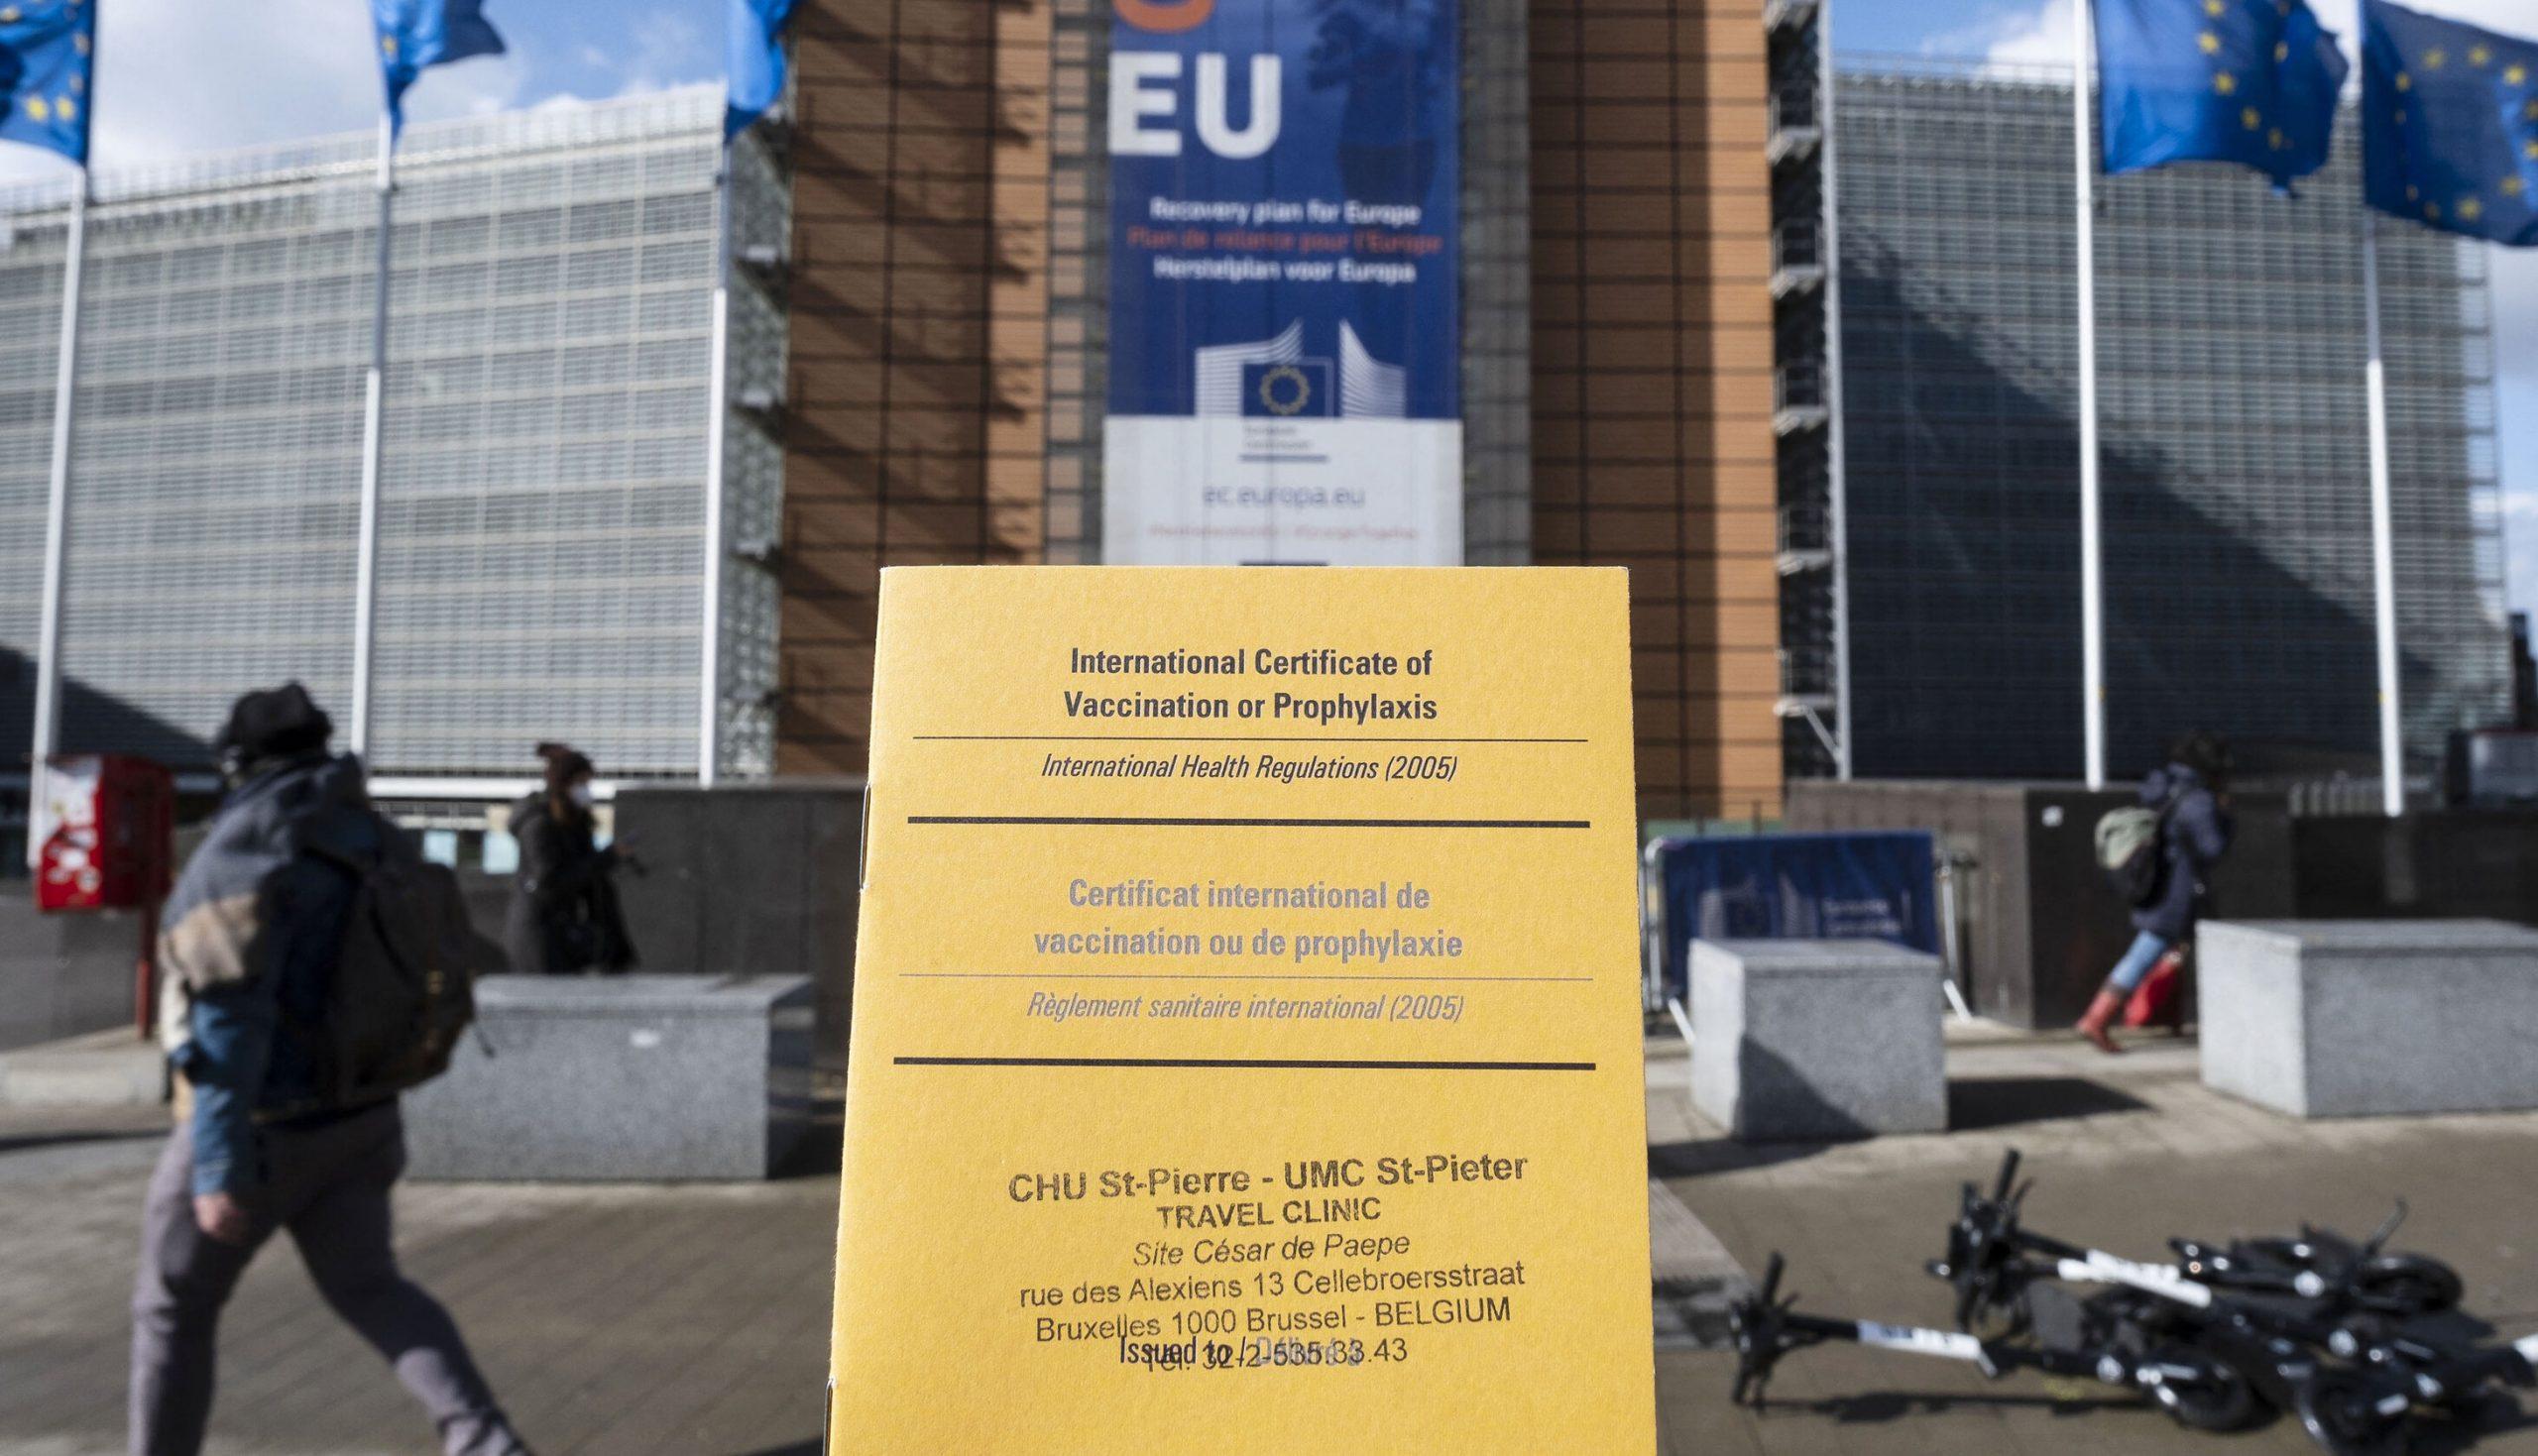 Implementarea pașapoartelor Covid ar putea duce la infectări deliberate, avertizează consilierii guvernamentali din UK